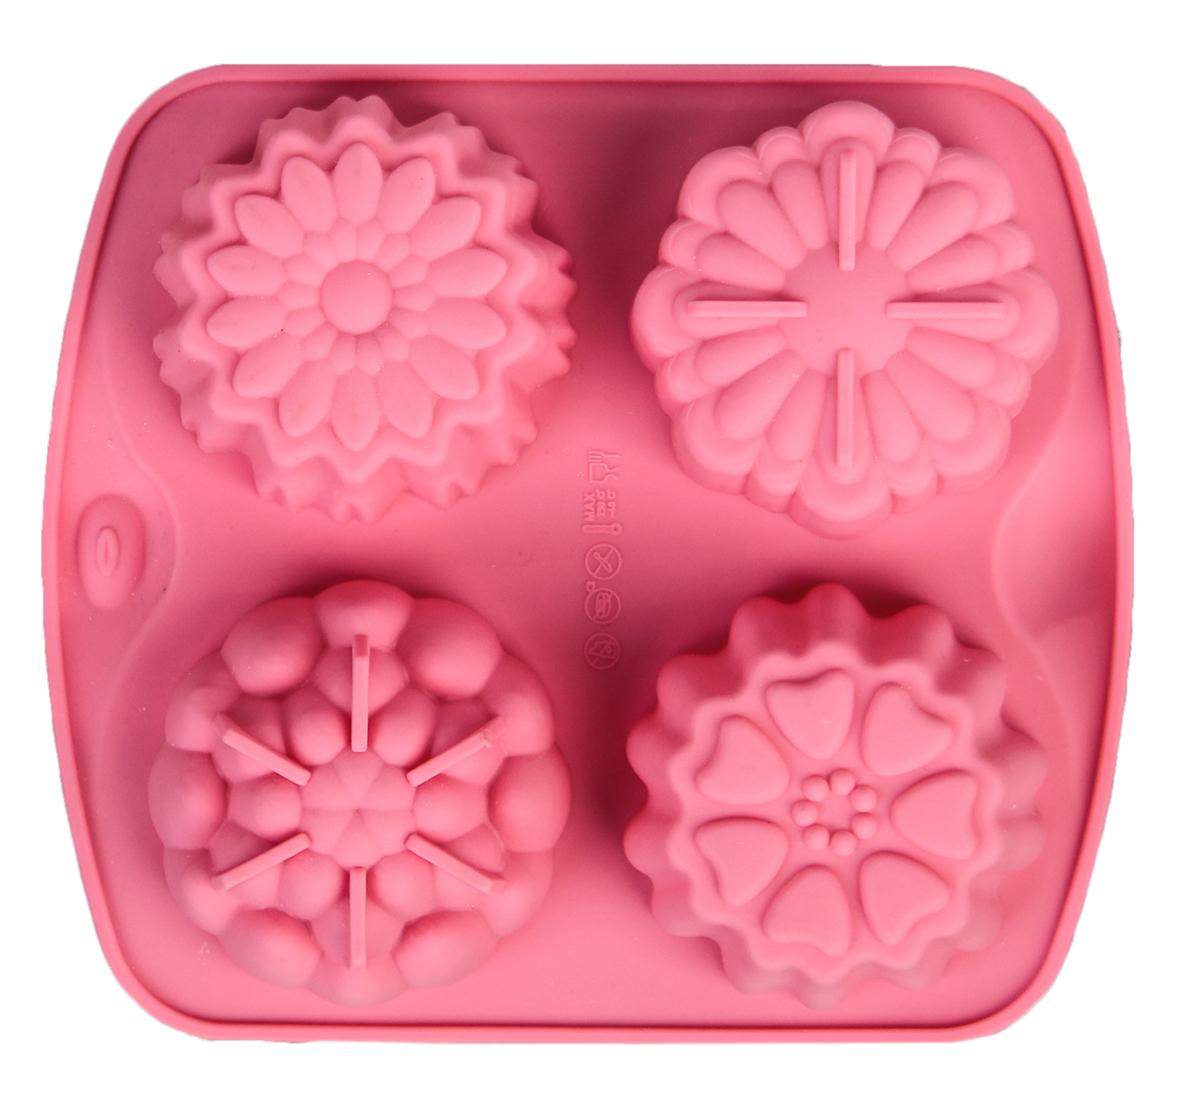 Форма для выпечки Доляна Кексик, цвет: розовый, 16 х 14 см, 4 ячейки114006Форма для выпечки из силикона — современное решение для практичных и радушных хозяек. Почему это изделие должно быть на кухне?-блюдо сохраняет нужную форму и легко отделяется от стенок после приготовления;высокая термостойкость (от –40 до 230 градусов) позволяет применять форму в духовых шкафах и морозильных камерах;-небольшая масса делает эксплуатацию предмета простой даже для хрупкой женщины;-силикон пригоден для посудомоечных машин;-высокопрочный материал делает форму долговечным инструментом;-при хранении предмет занимает мало места.